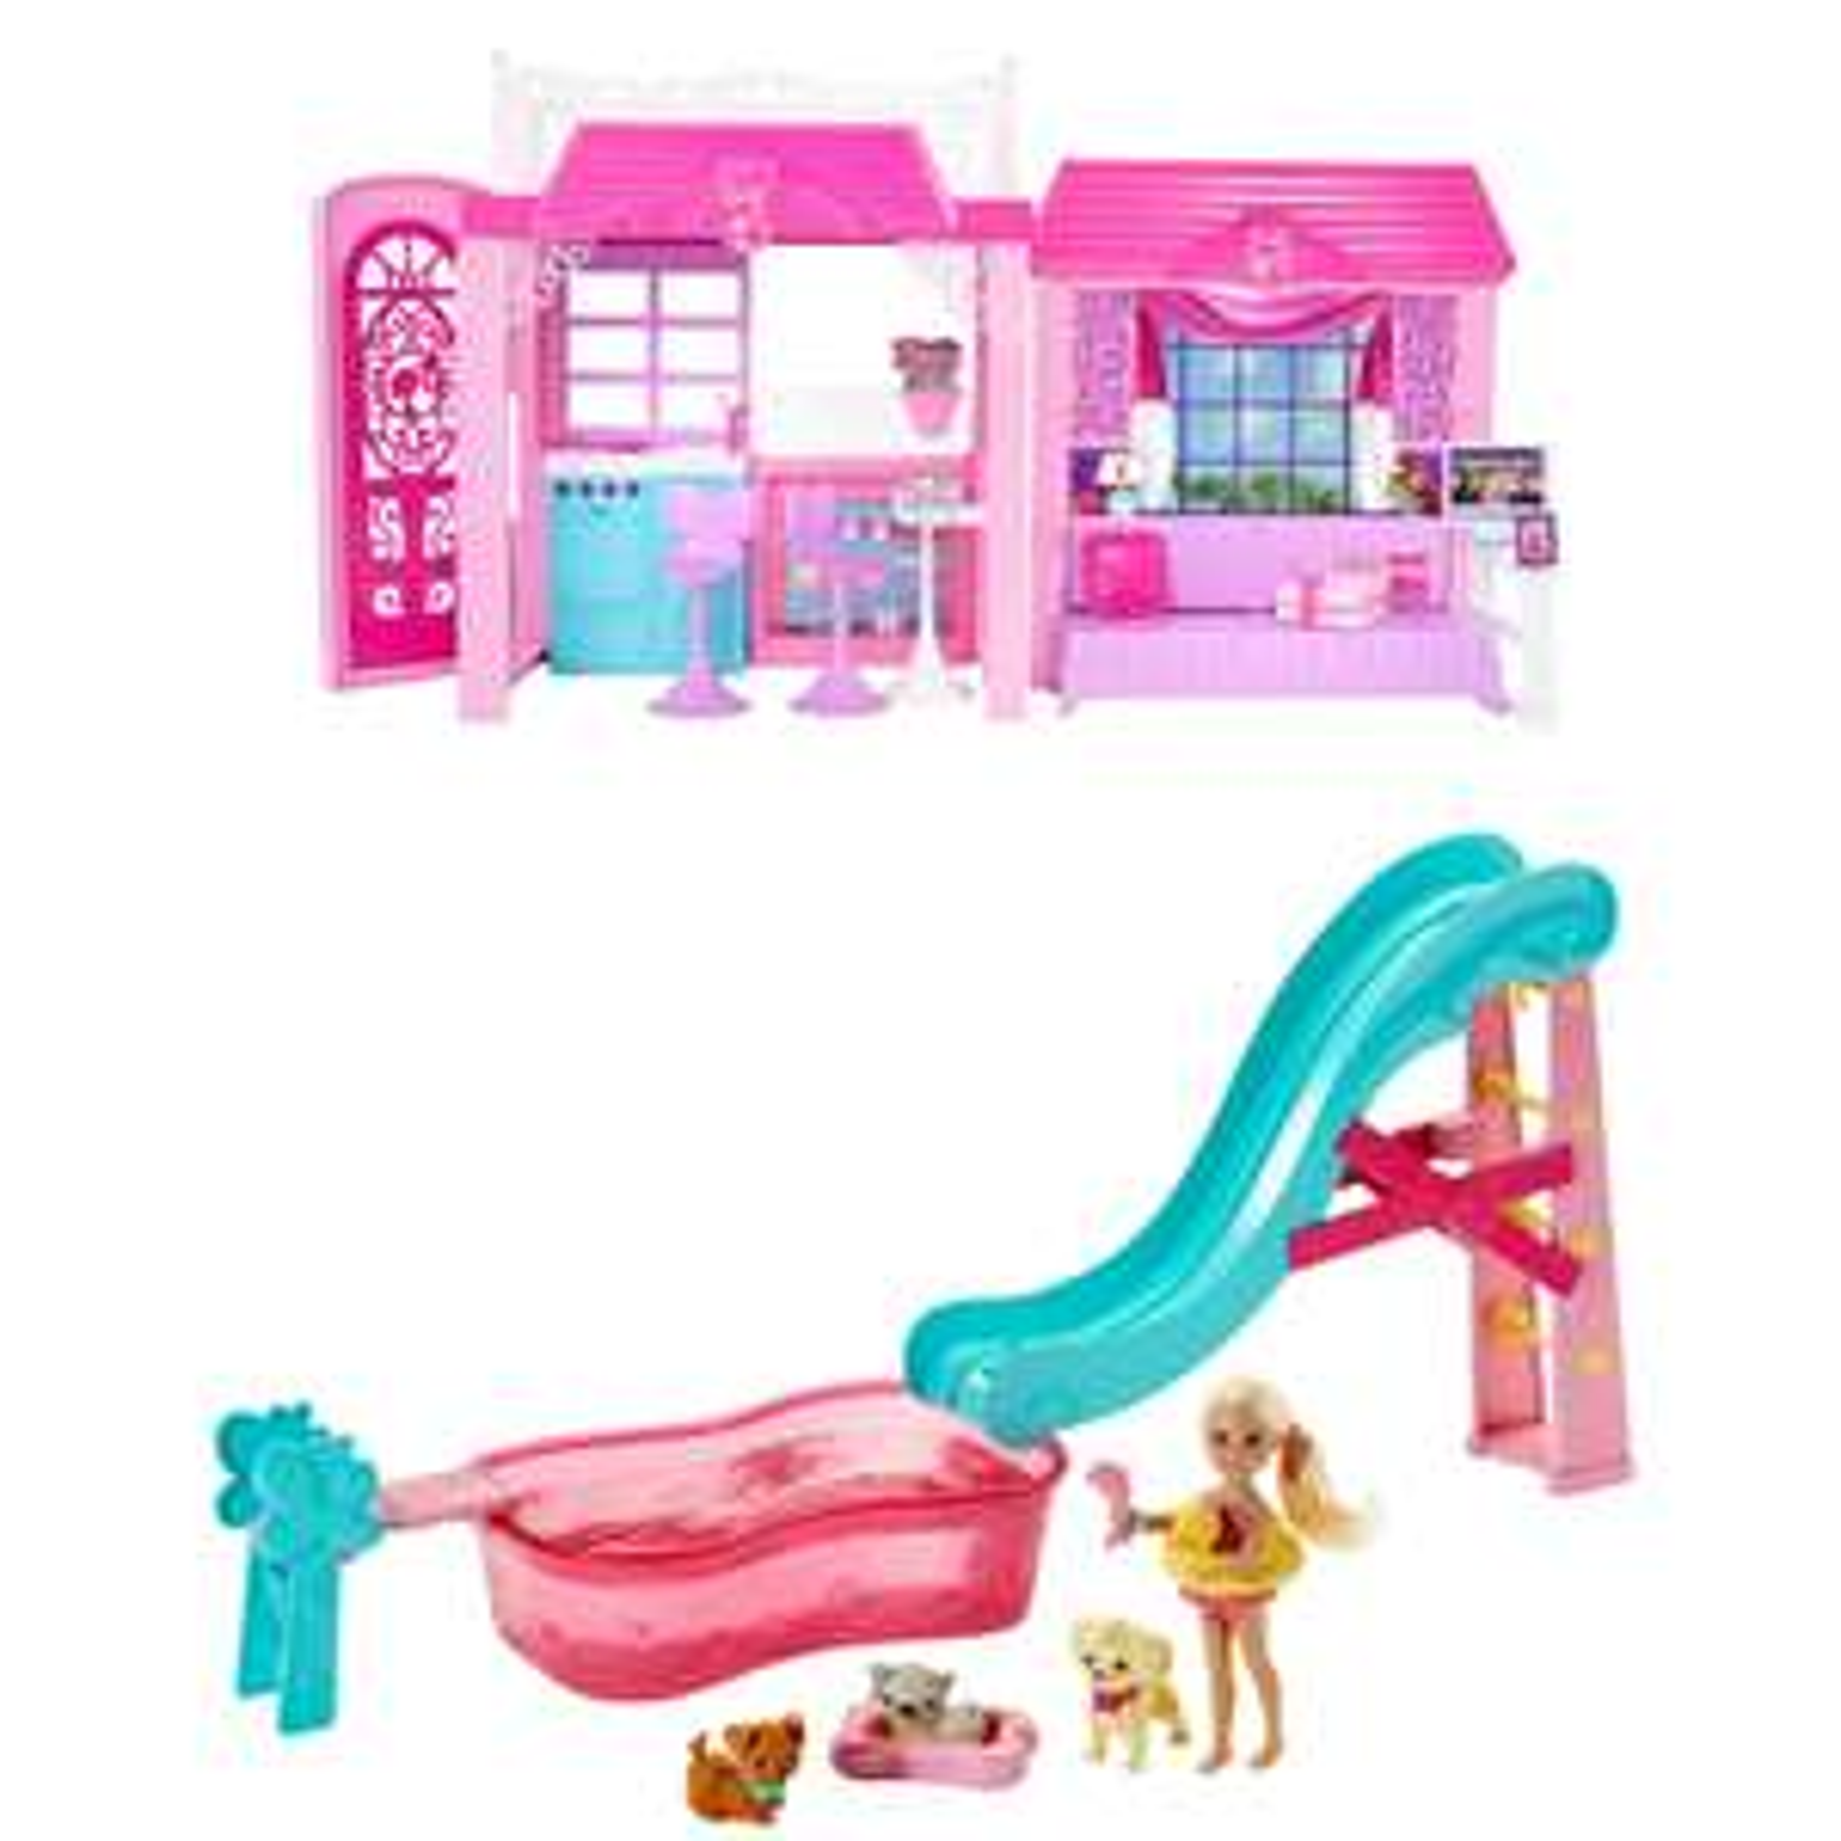 Coffret Barbie CLC31 - La Maison de Vacances + Piscine de Chelsea